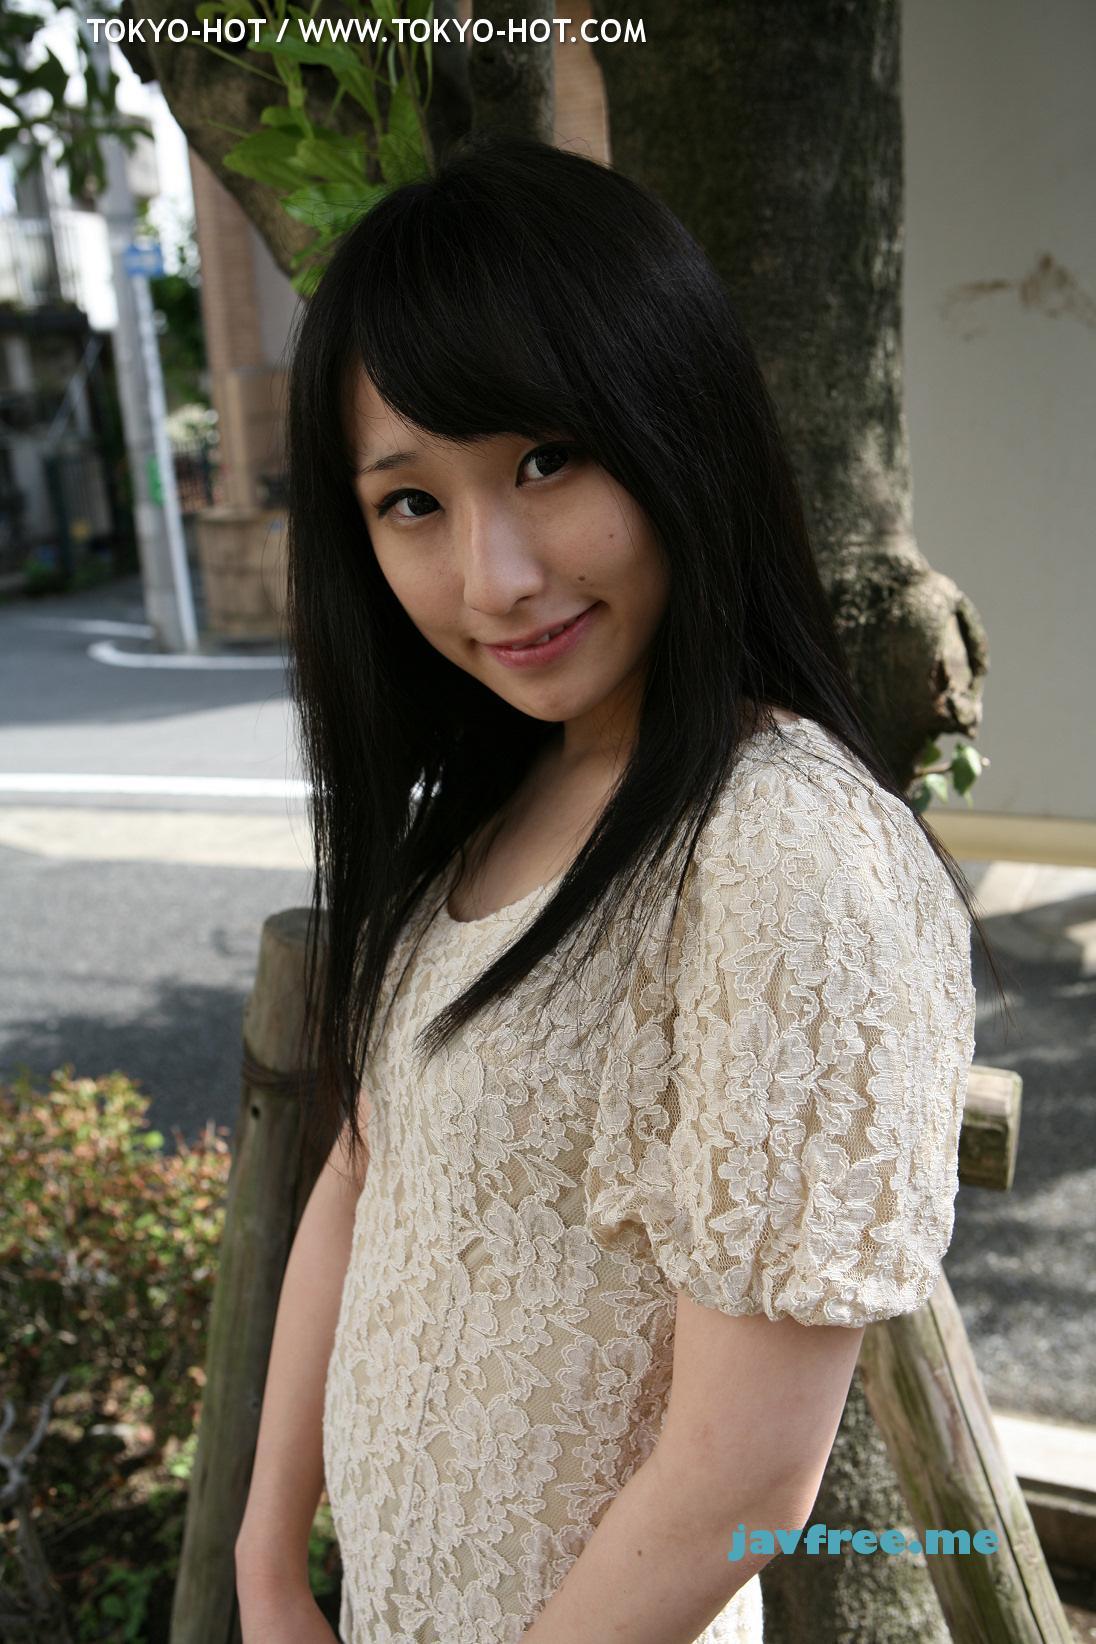 Tokyo Hot k0764 餌食牝 石原梓 Azusa Ishihara 餌食牝 石原梓 Tokyo Hot Azusa Ishihara